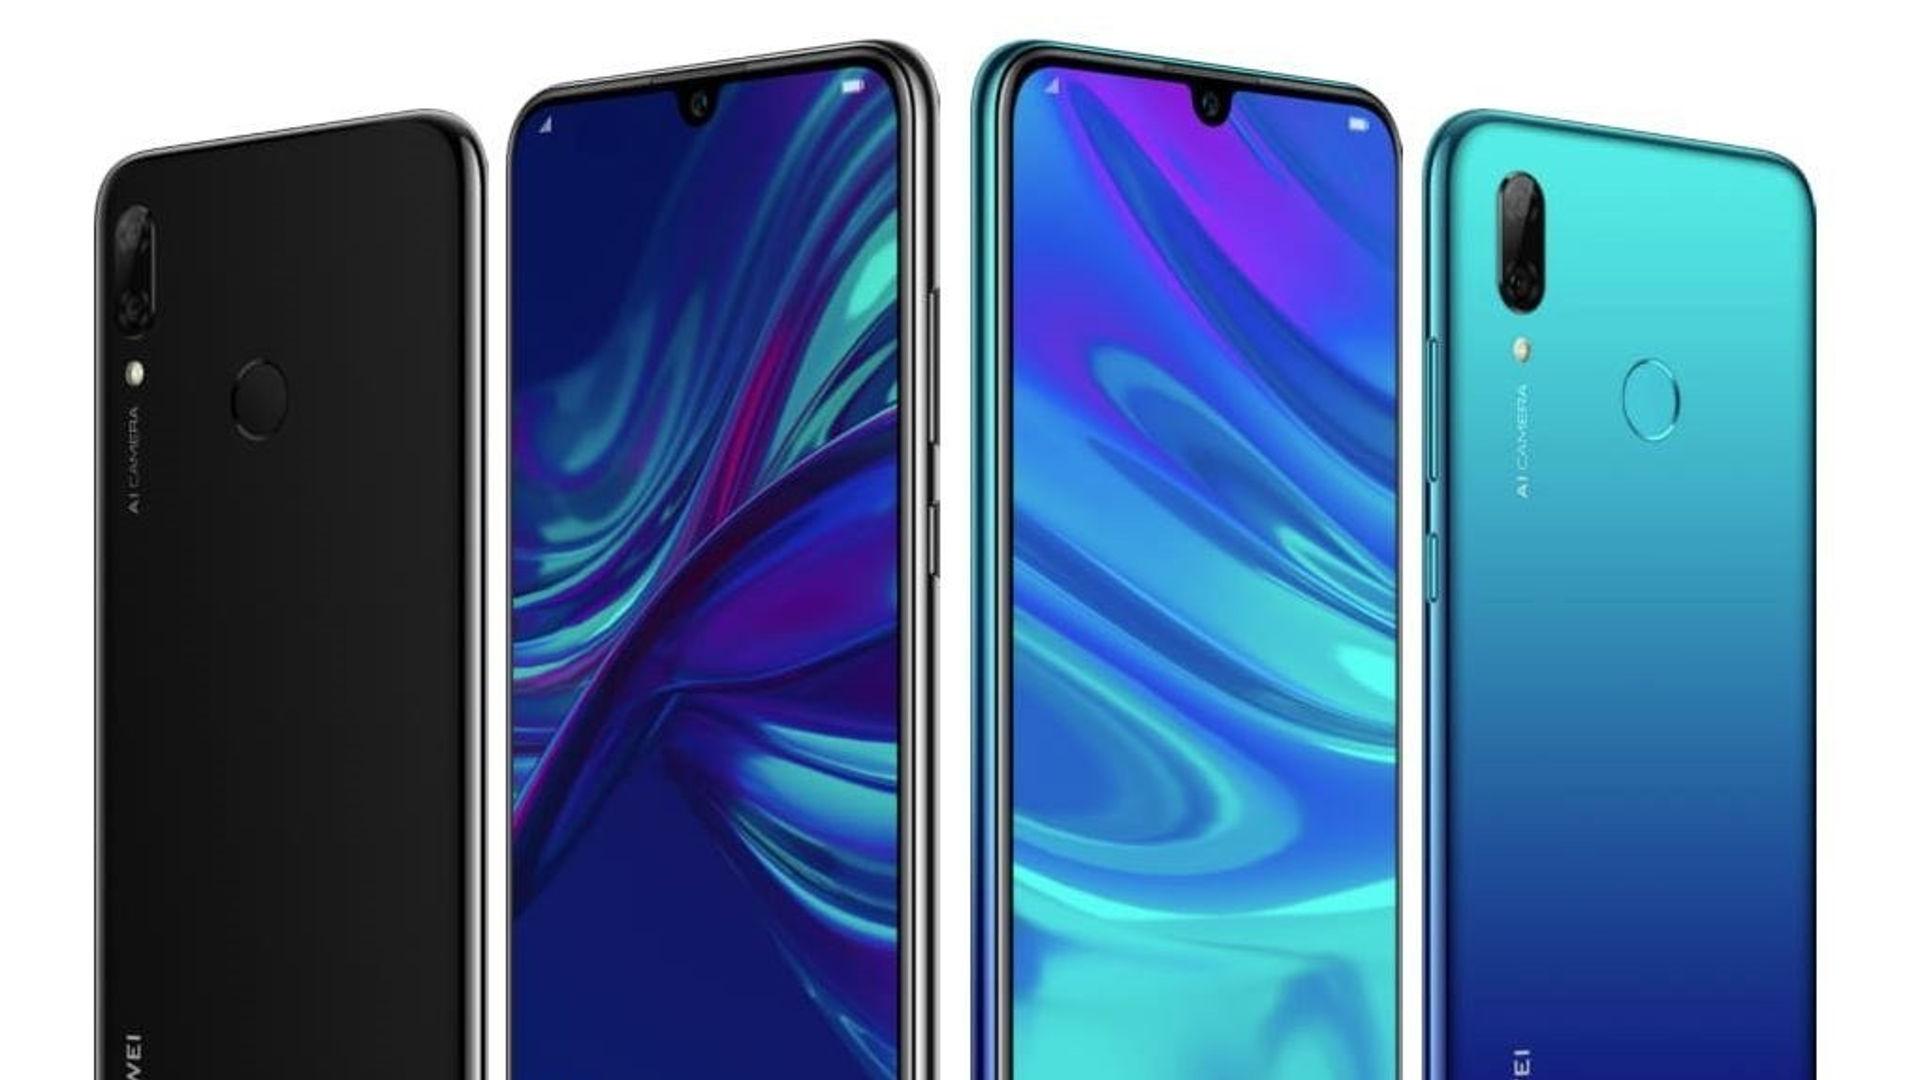 Huawei P Smart 2019 Özellikler ve Fiyat